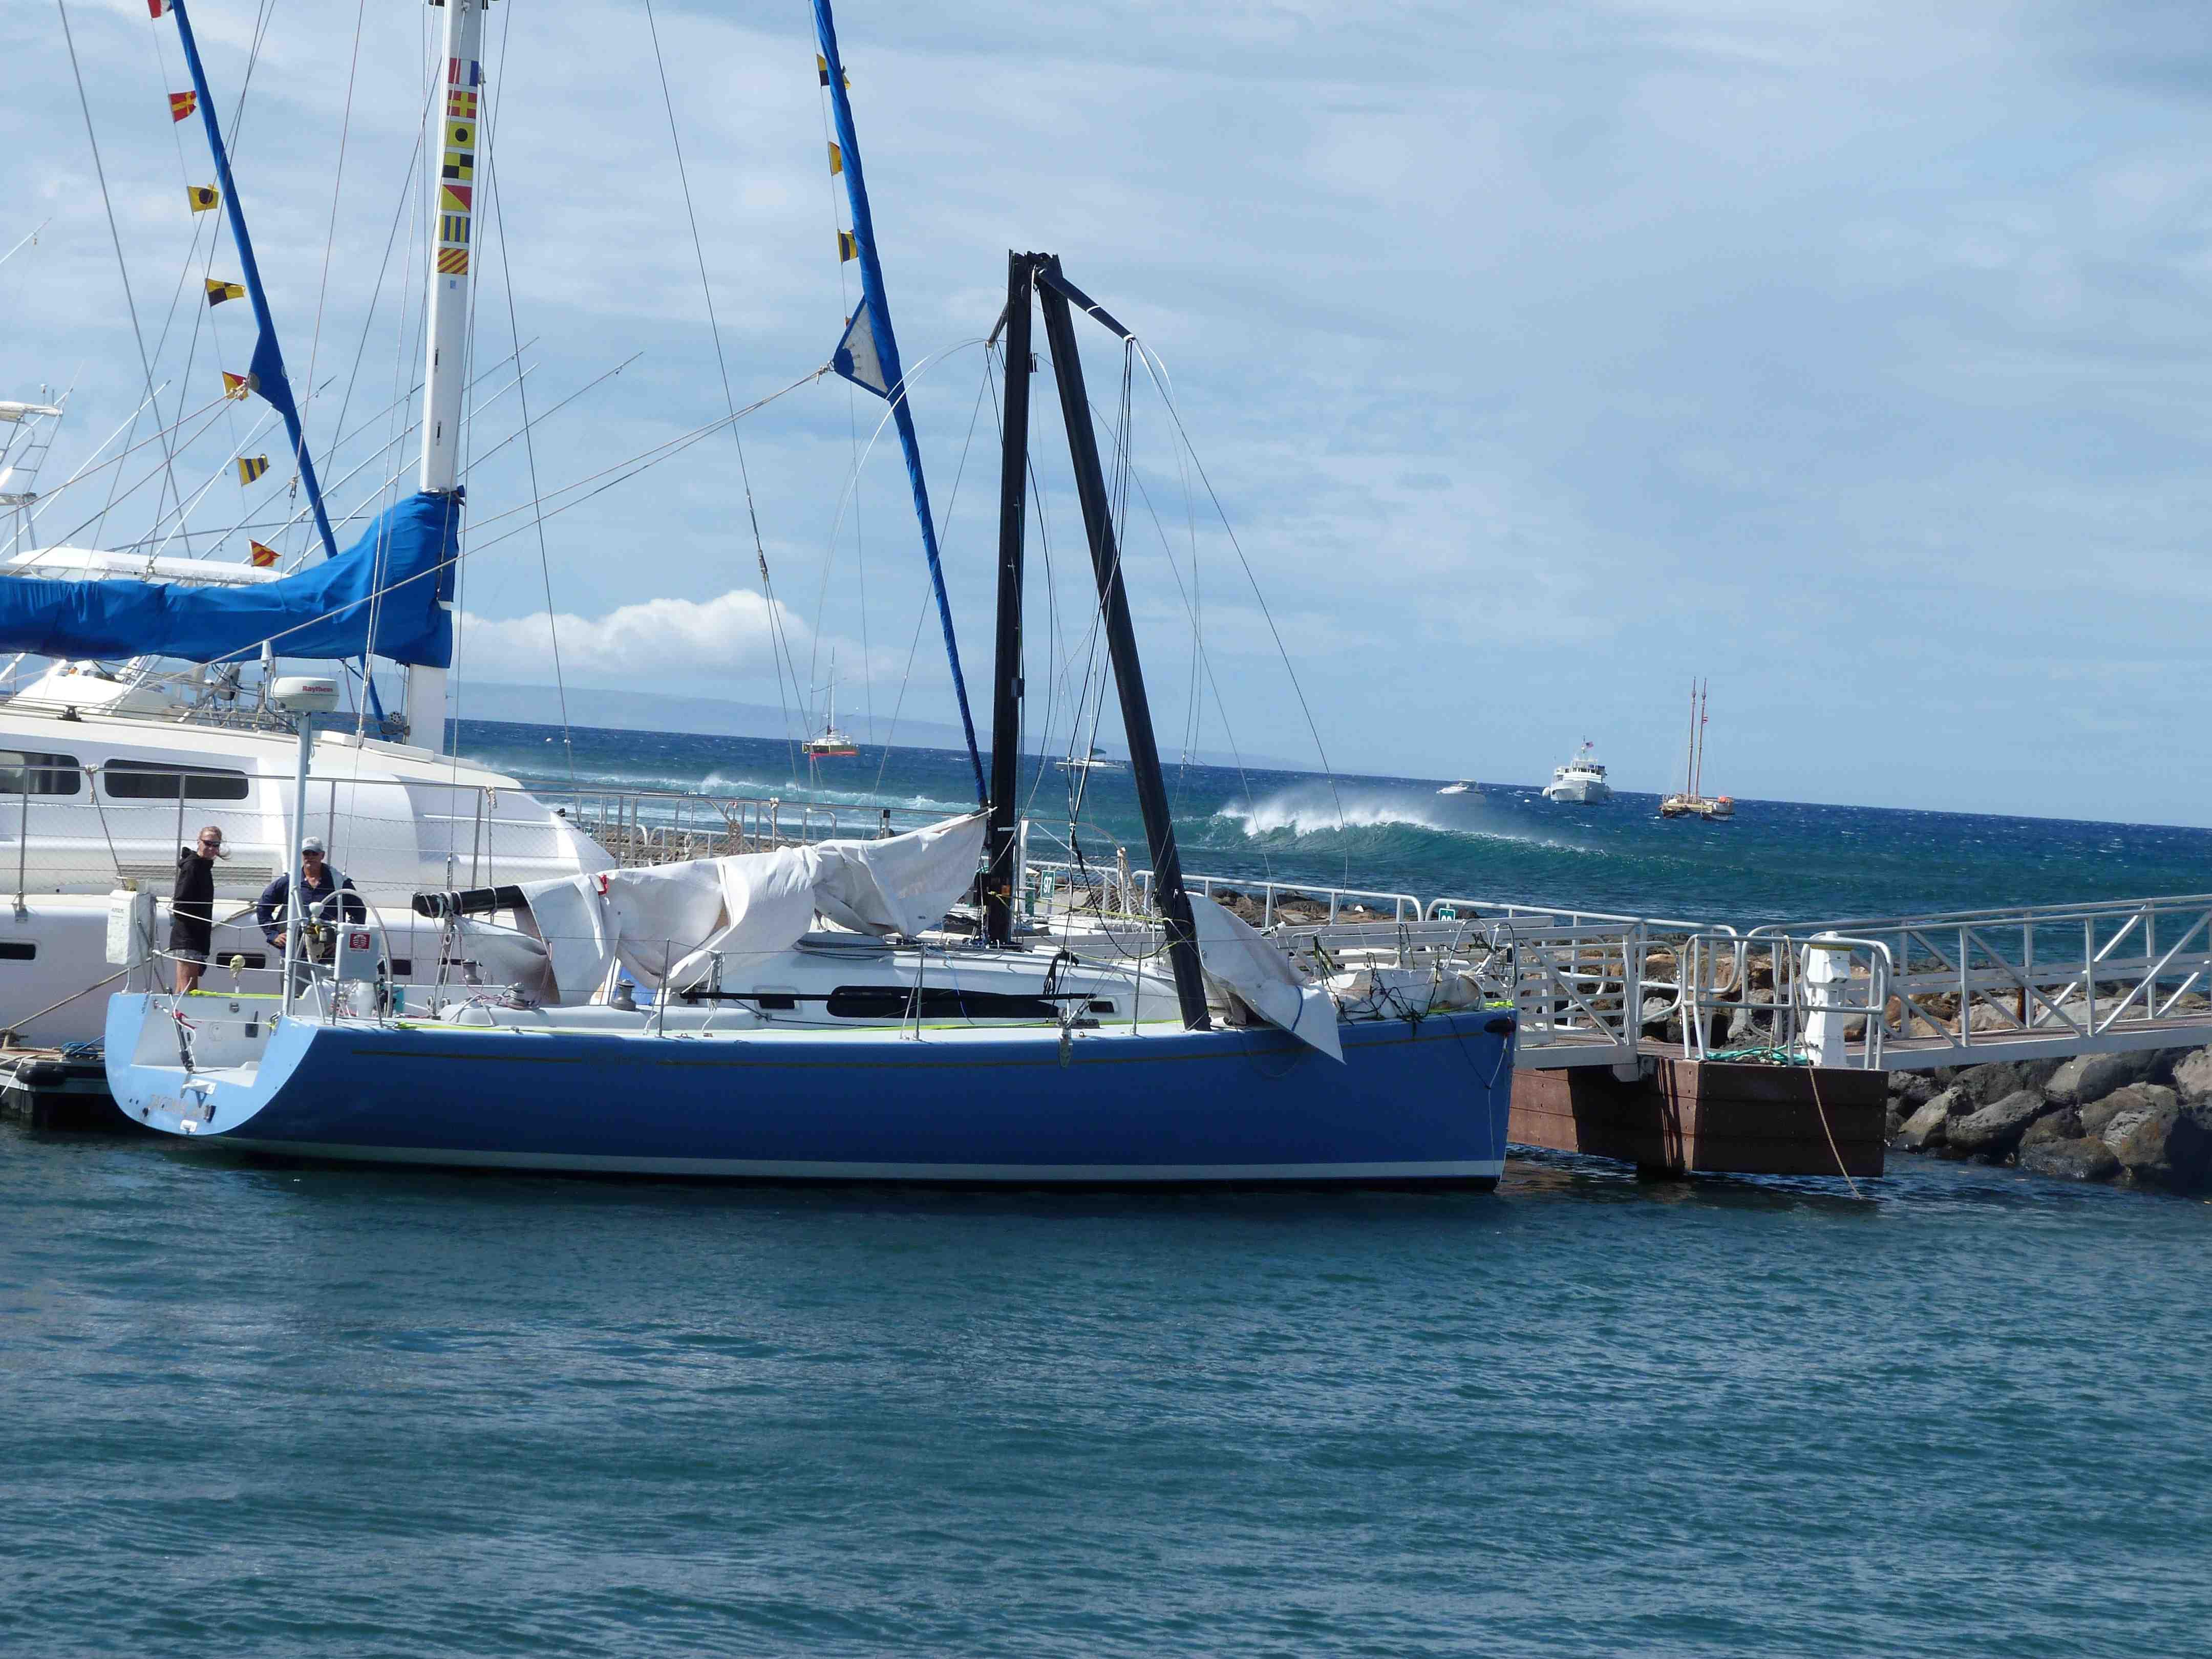 Vic Maui Yacht Race Kahuna Breaks Its Mast